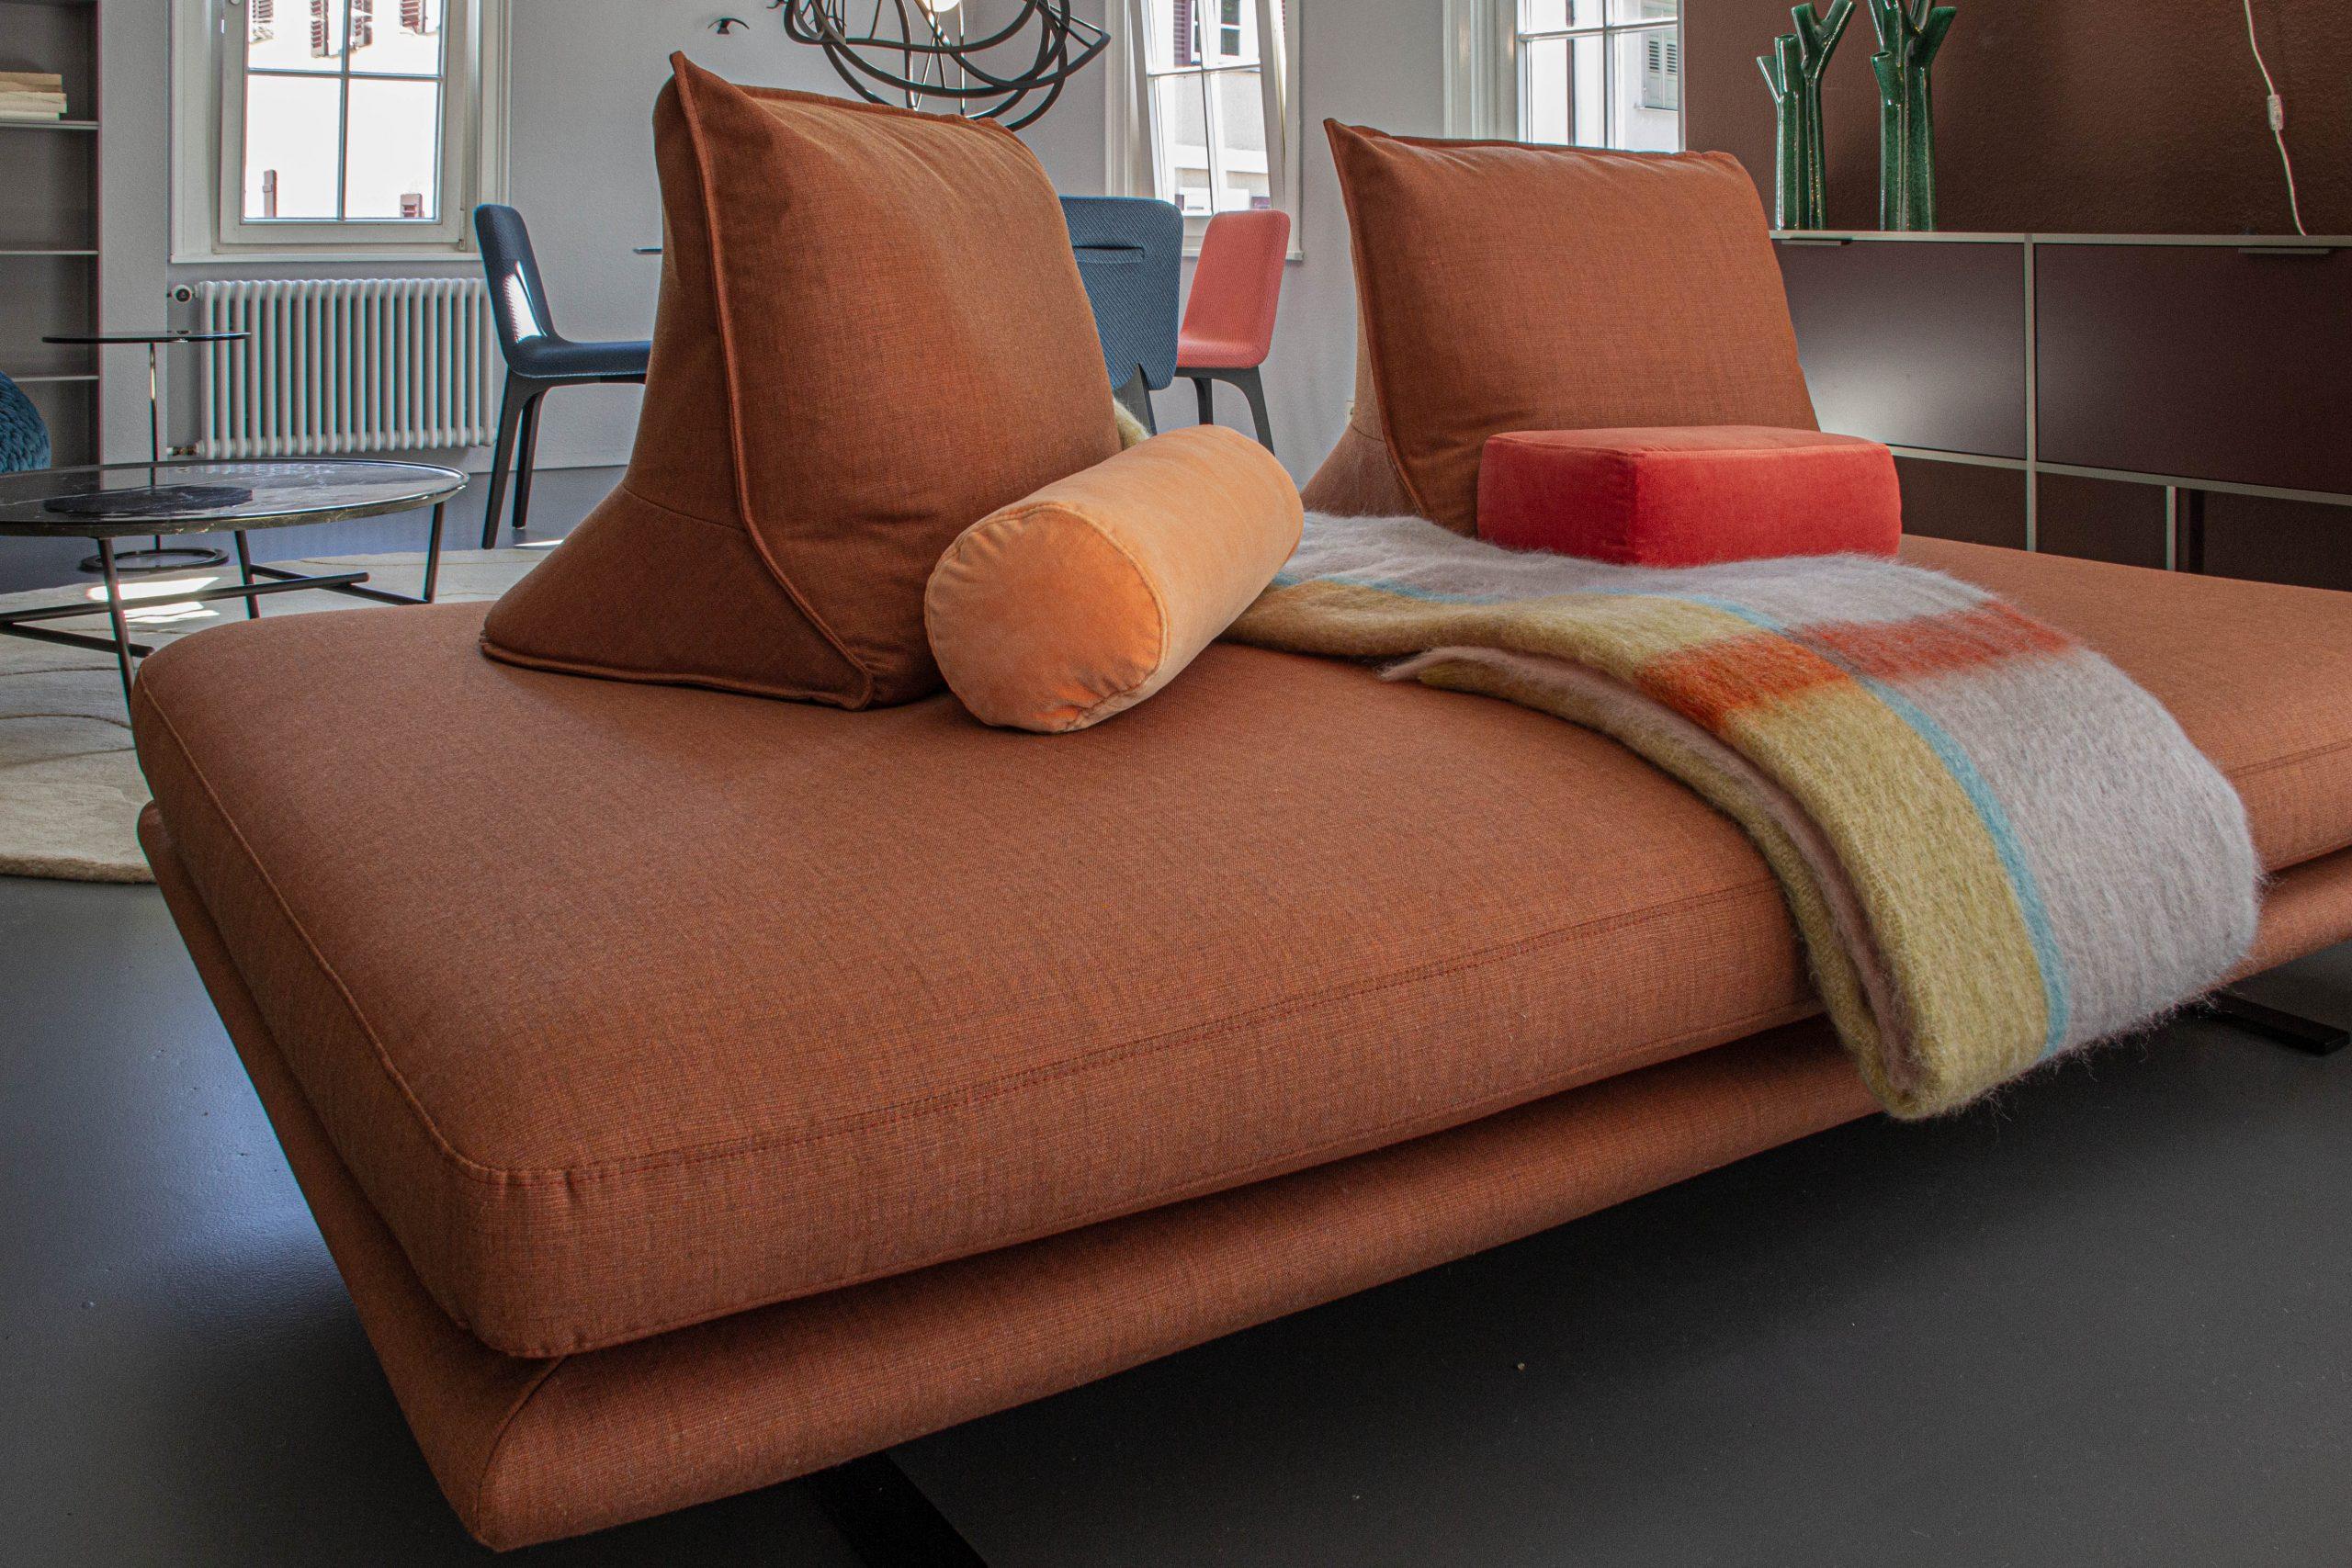 Möbel TAUSCH - einrichten - Sofa Prado